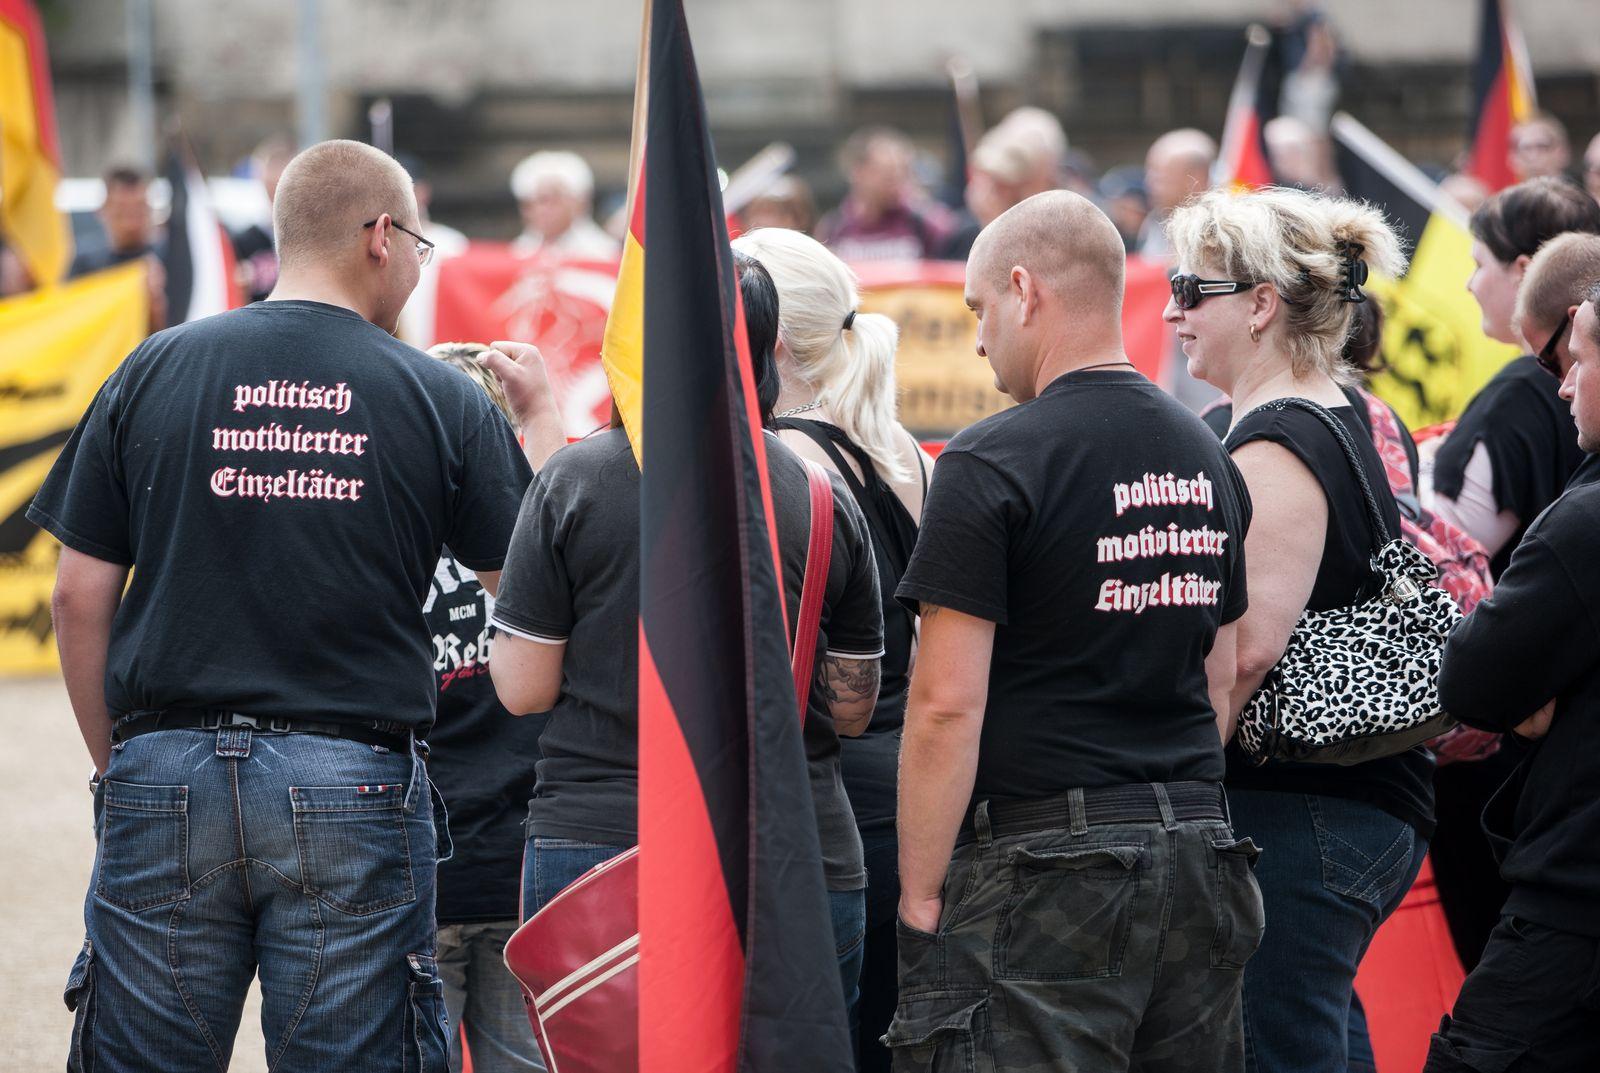 Neonazis / Dresden